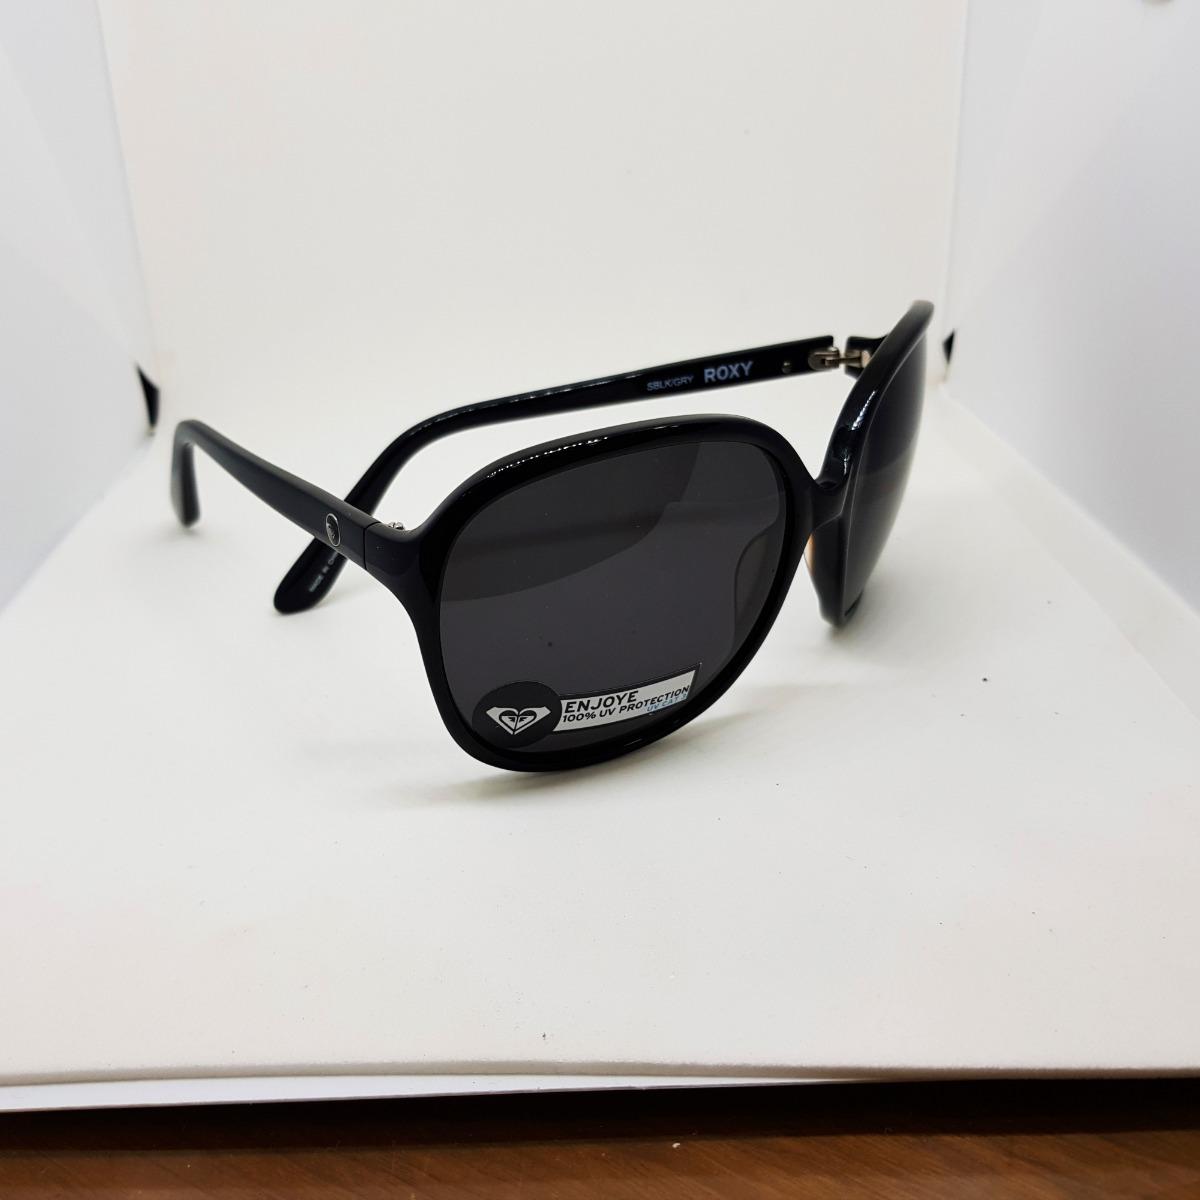 dae0a94bc09ef óculos de sol roxy enjoye. Carregando zoom.